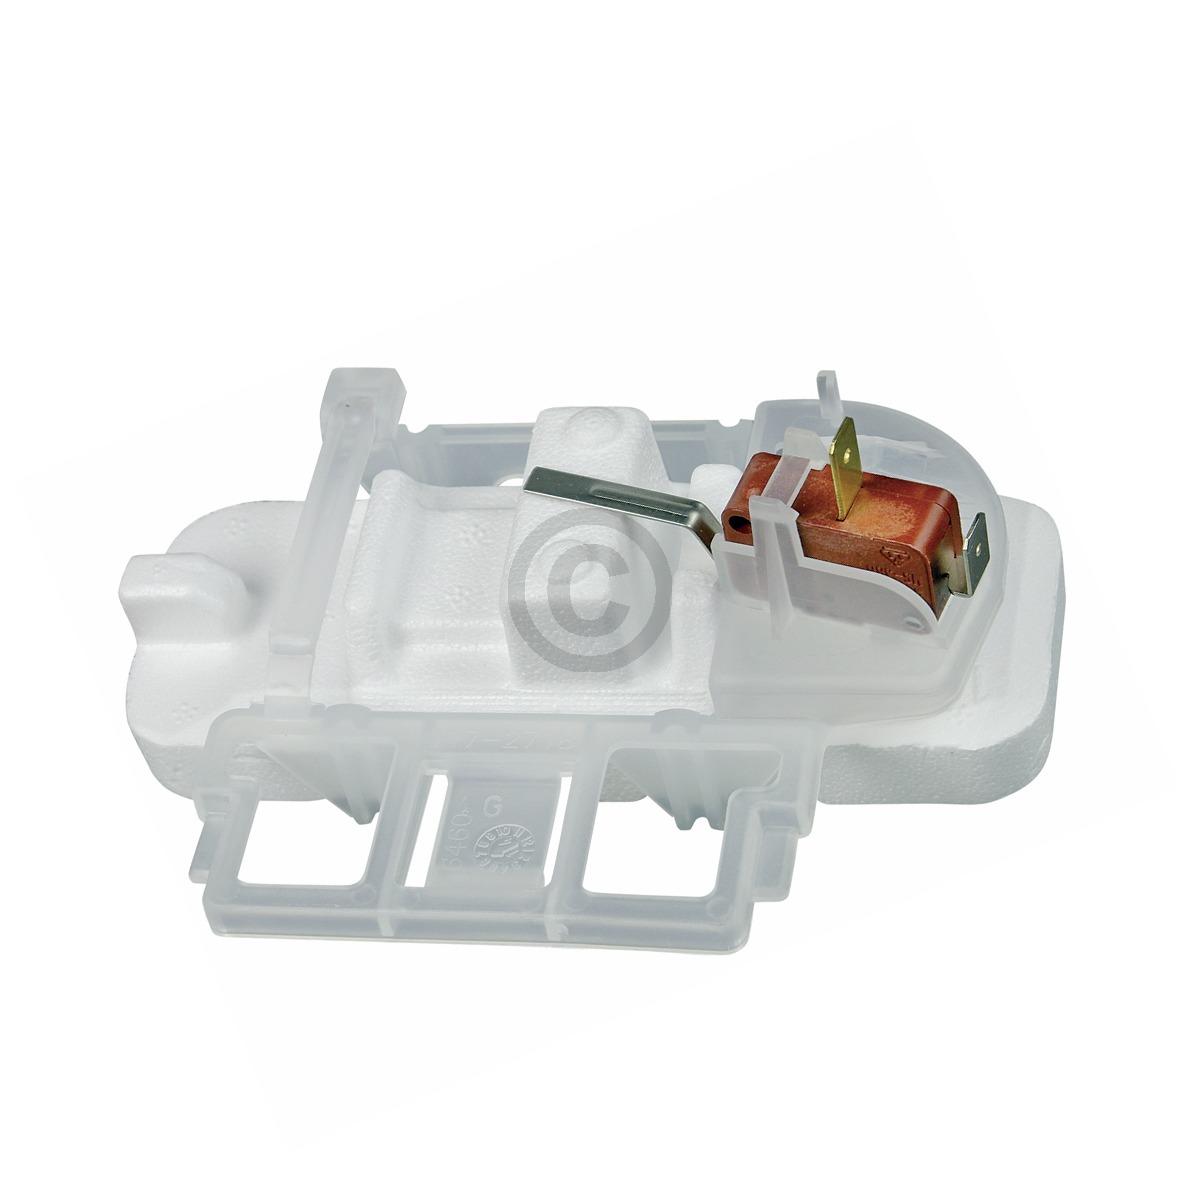 Schwimmer für Auffangschale, kpl. mit Schalter + Halter 117273102 AEG, Electrolu